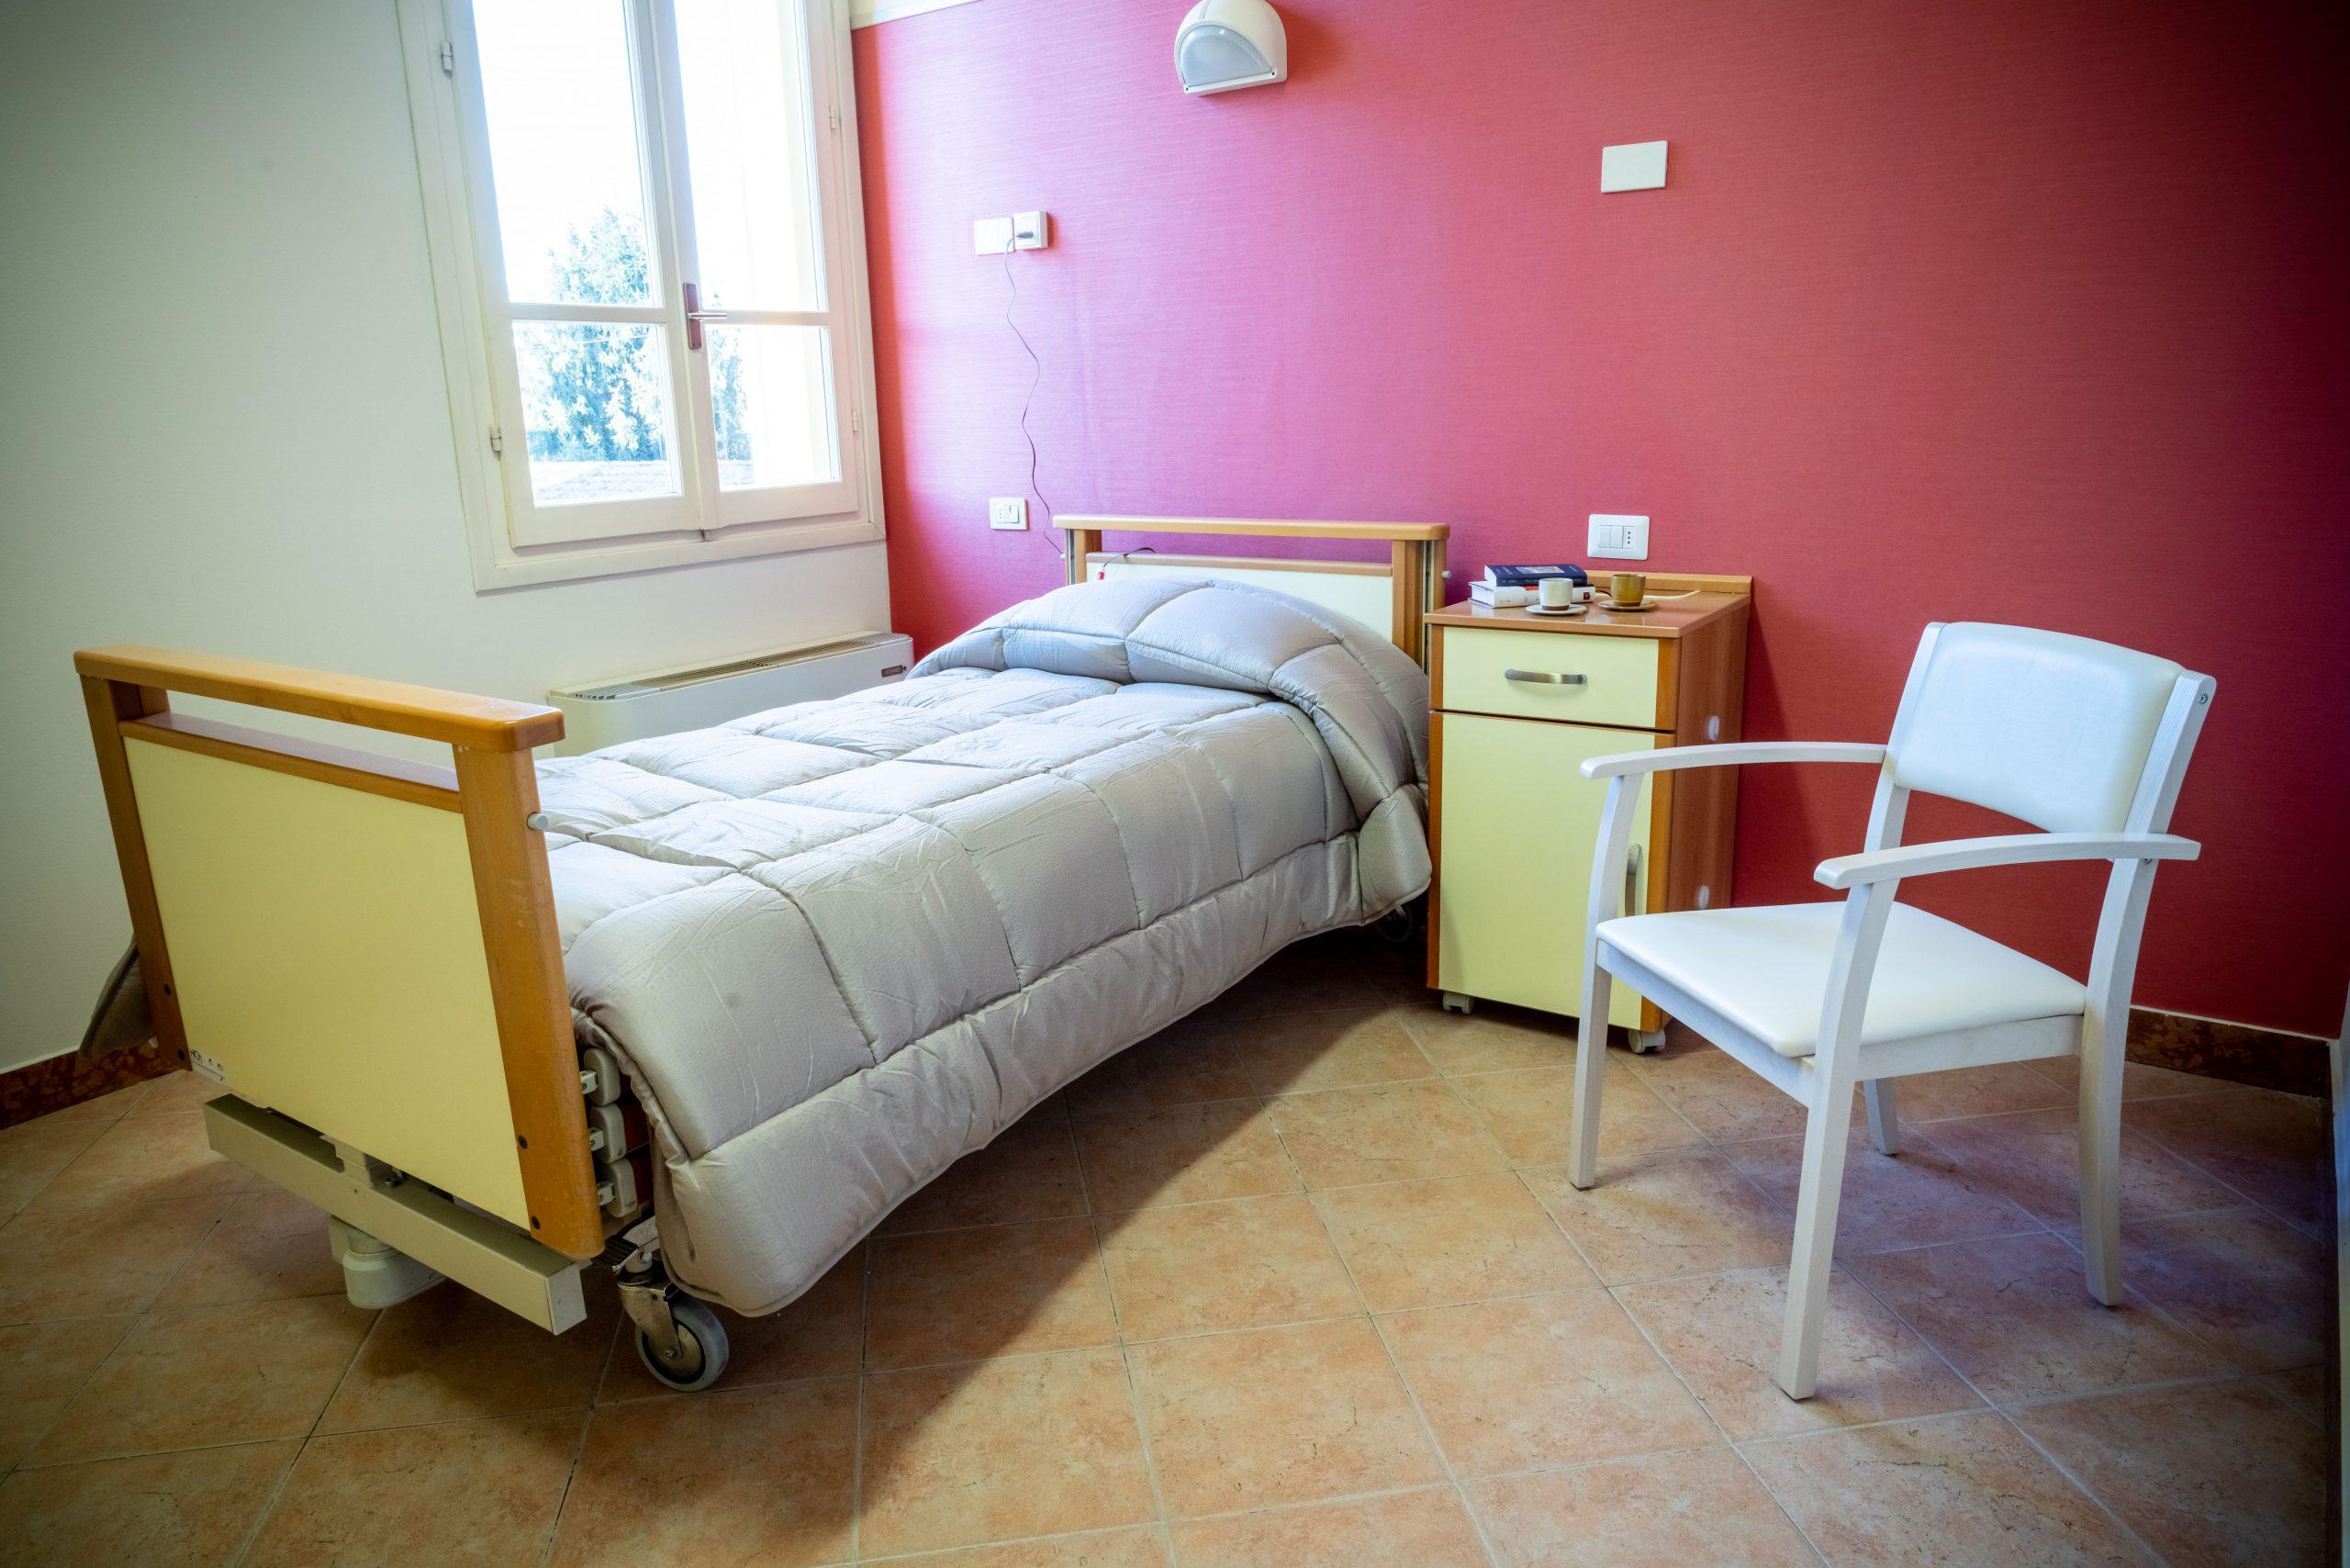 Villa Norge Roccabianca, Casa Residenza e Casa Albergo per Anziani